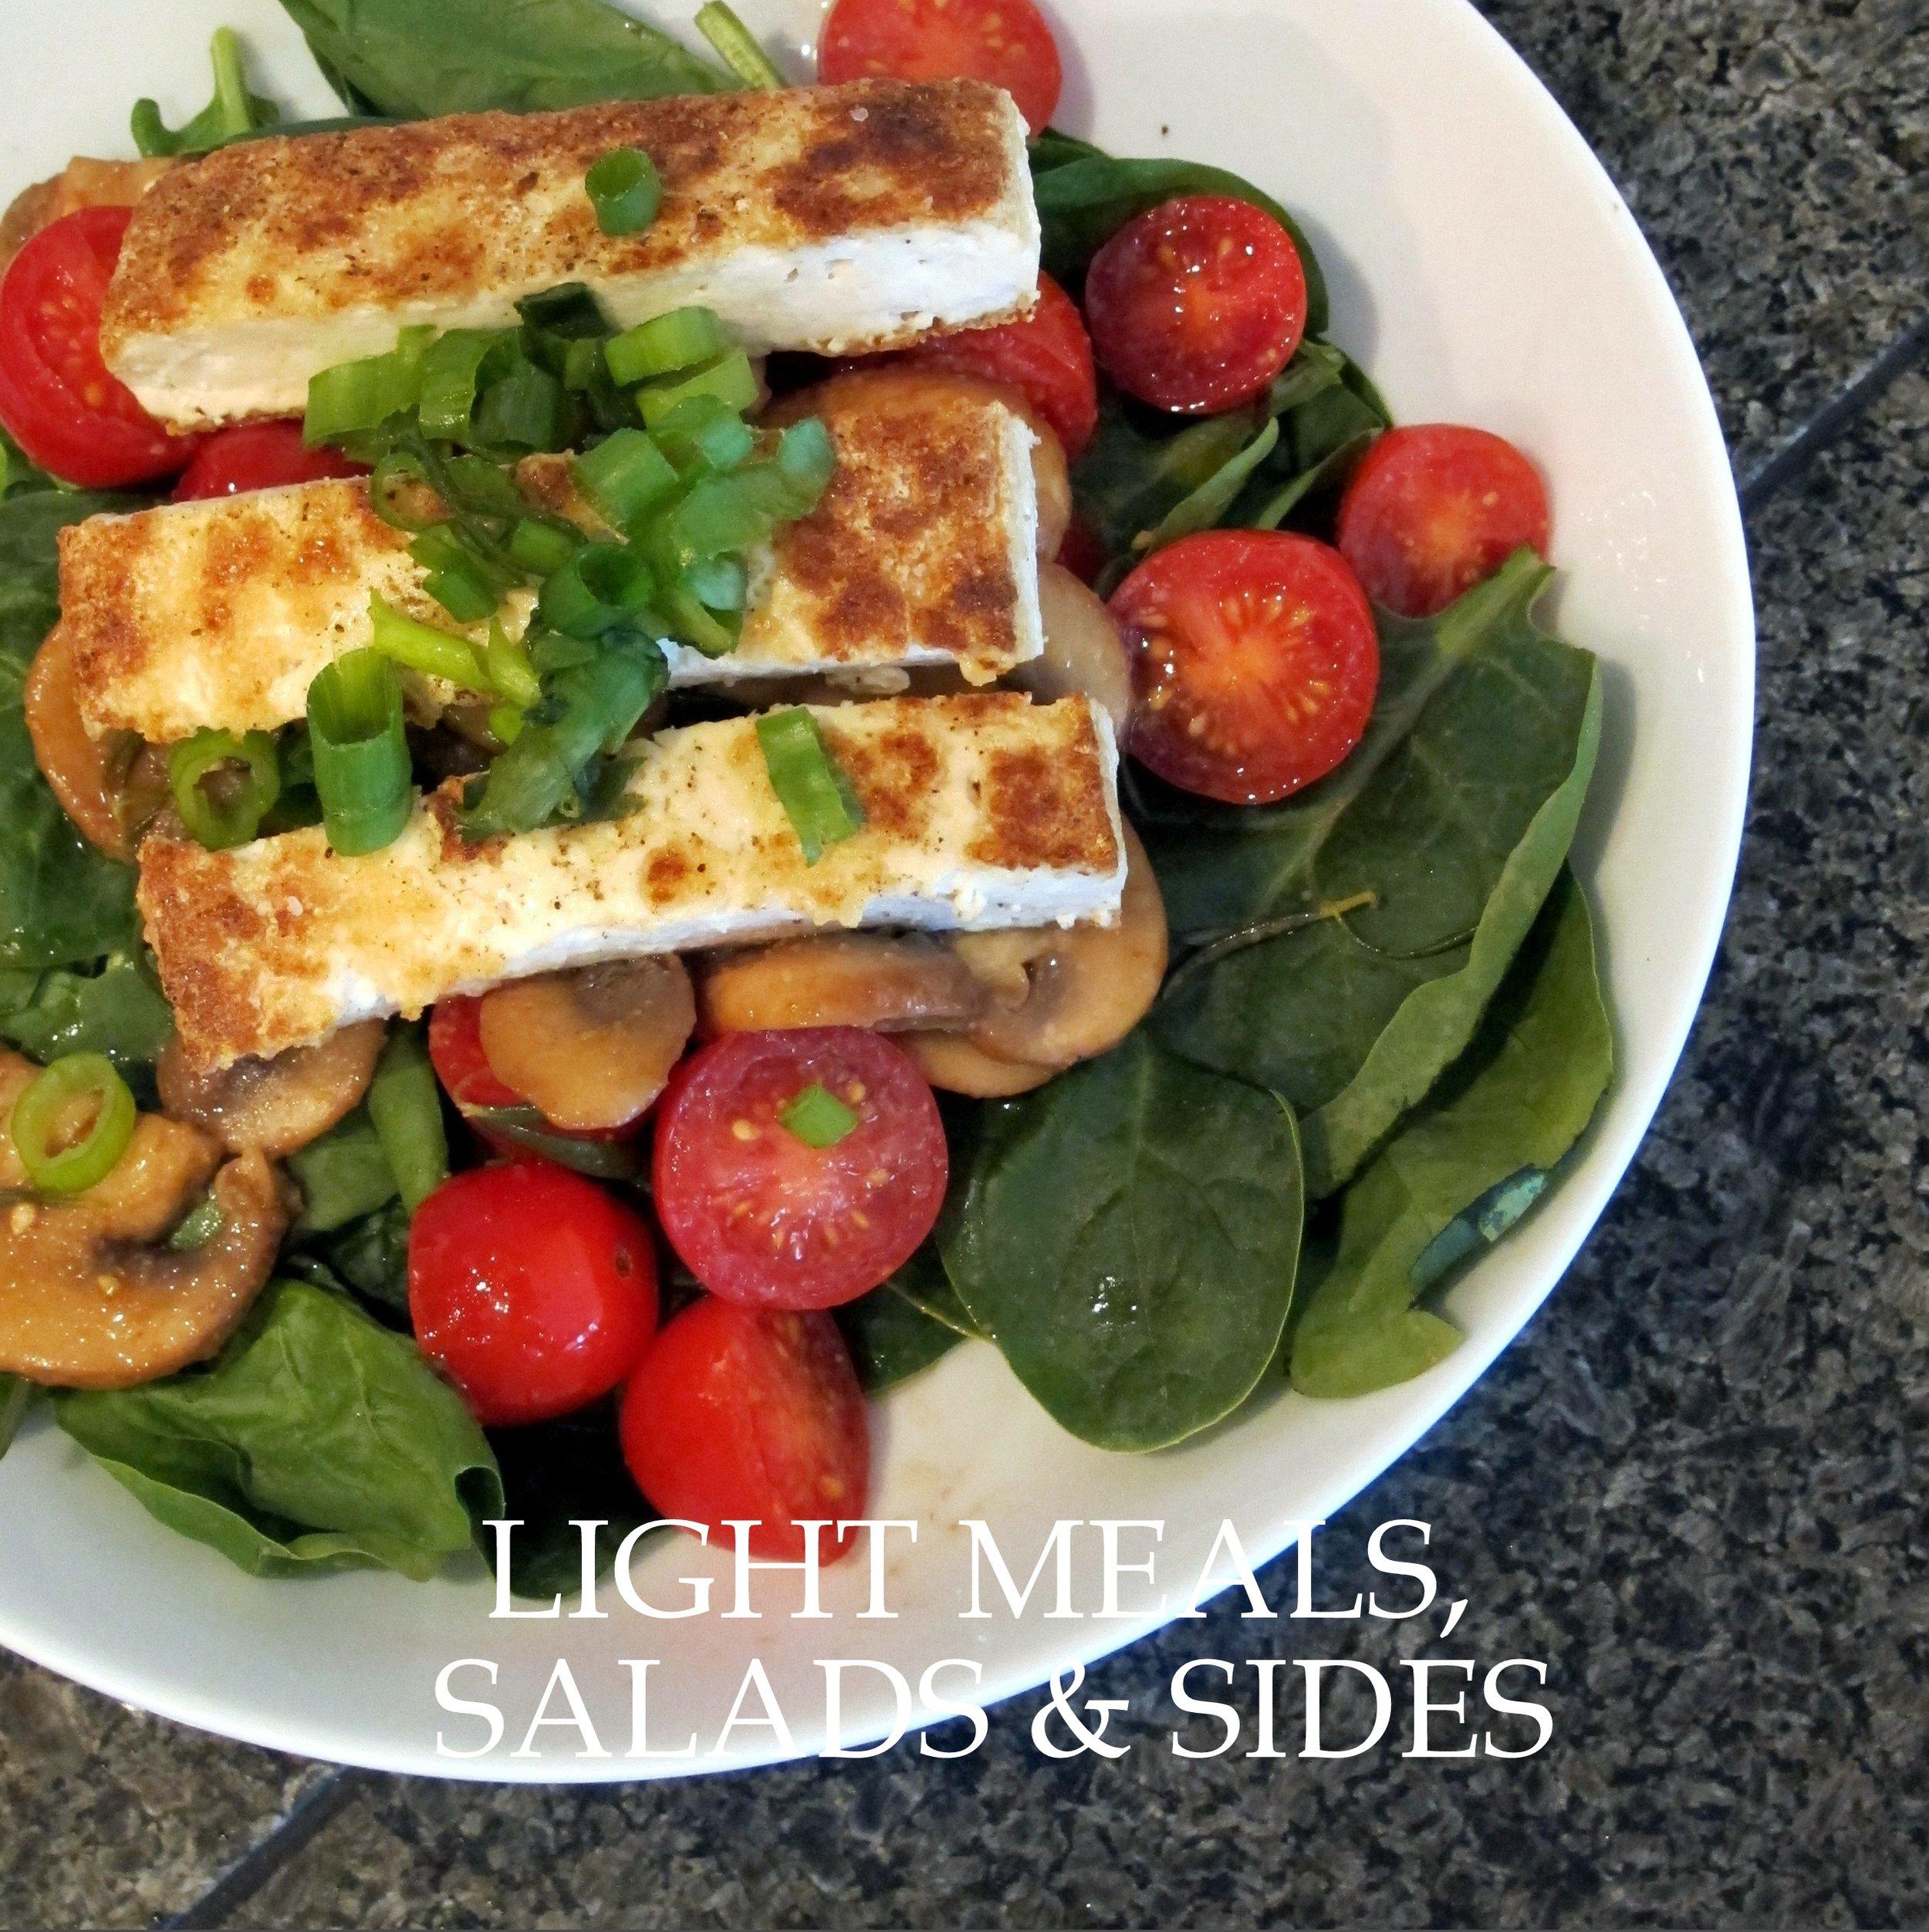 LIGHT MEALS, SALADS & SIDES